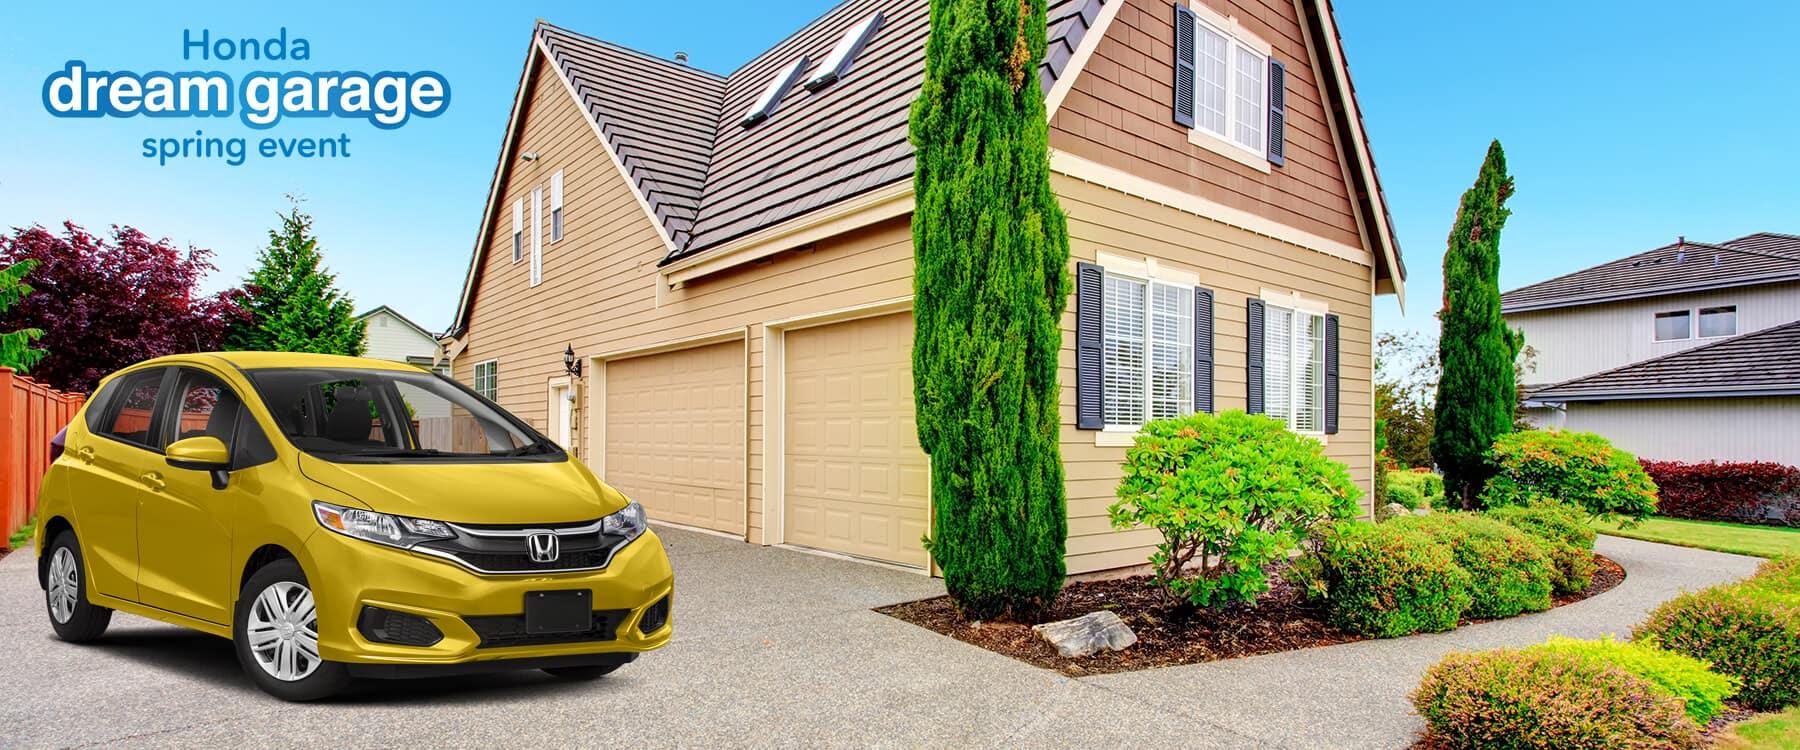 Honda Dream Garage Spring Event 2019 Fit Slider